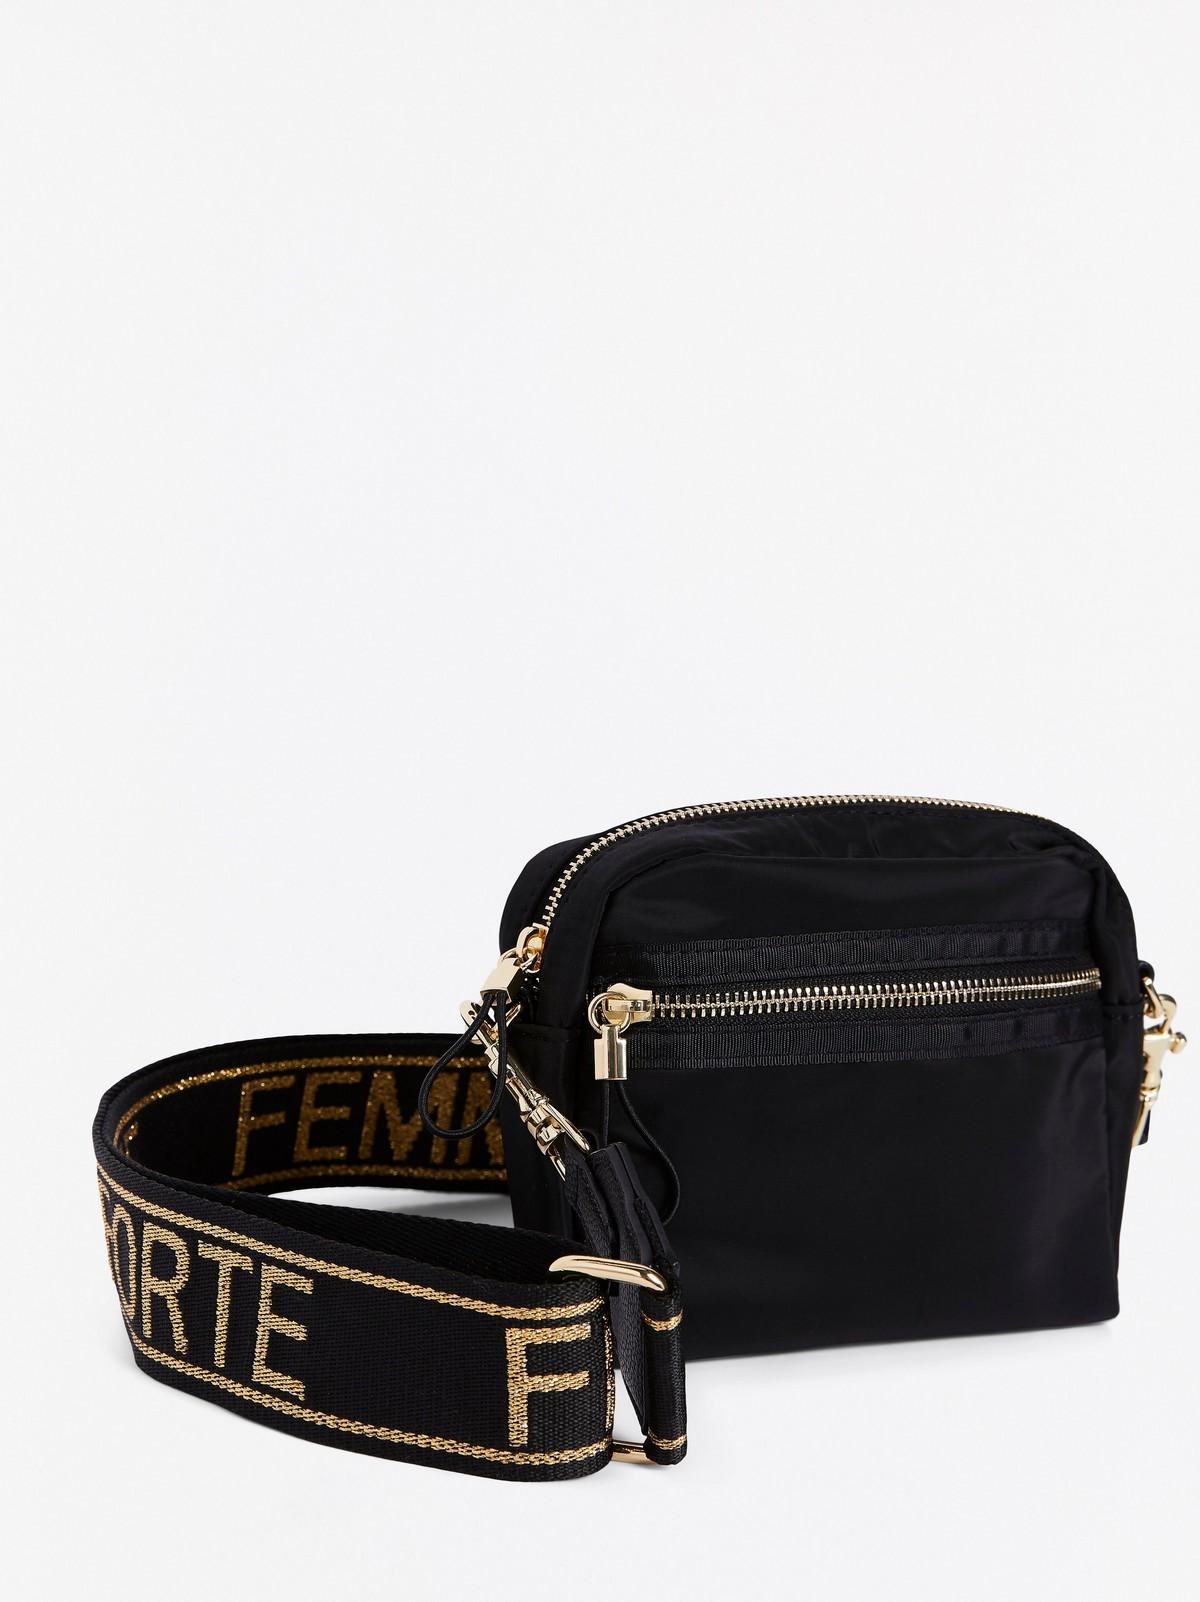 Liten svart väska med bred axelrem